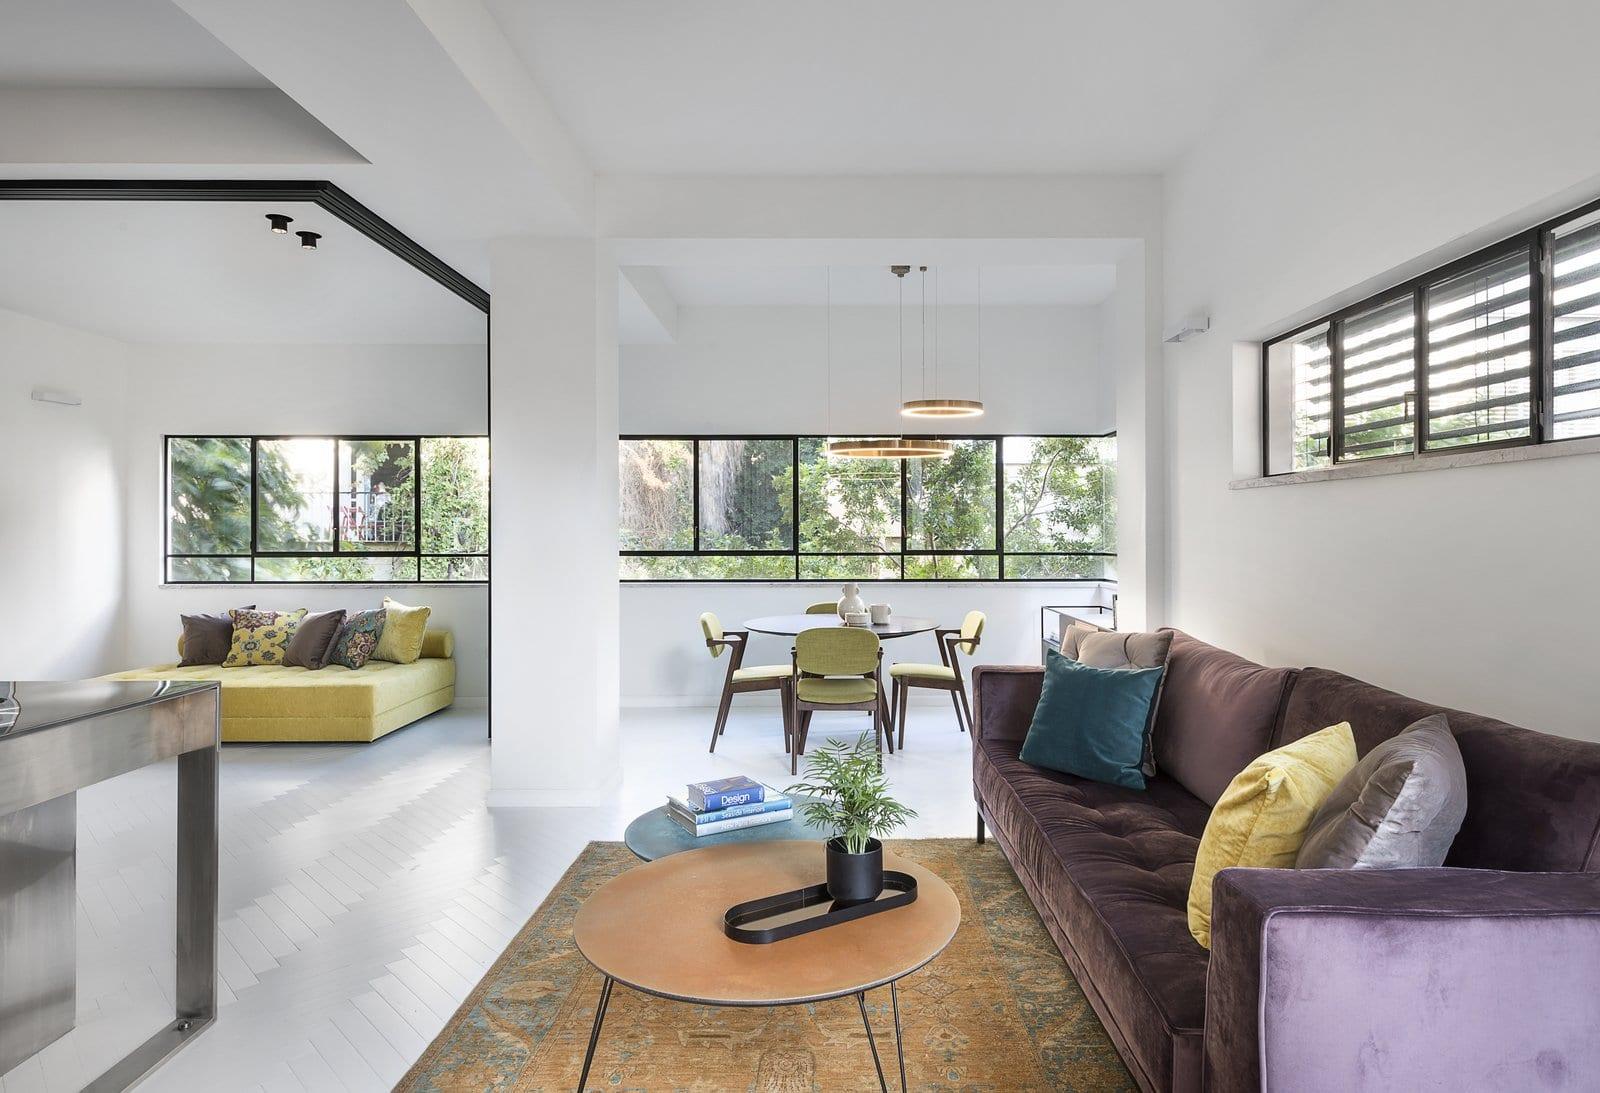 דירה בתל אביב – פרופיל בלגי שחור, מינימליסטי ונקי